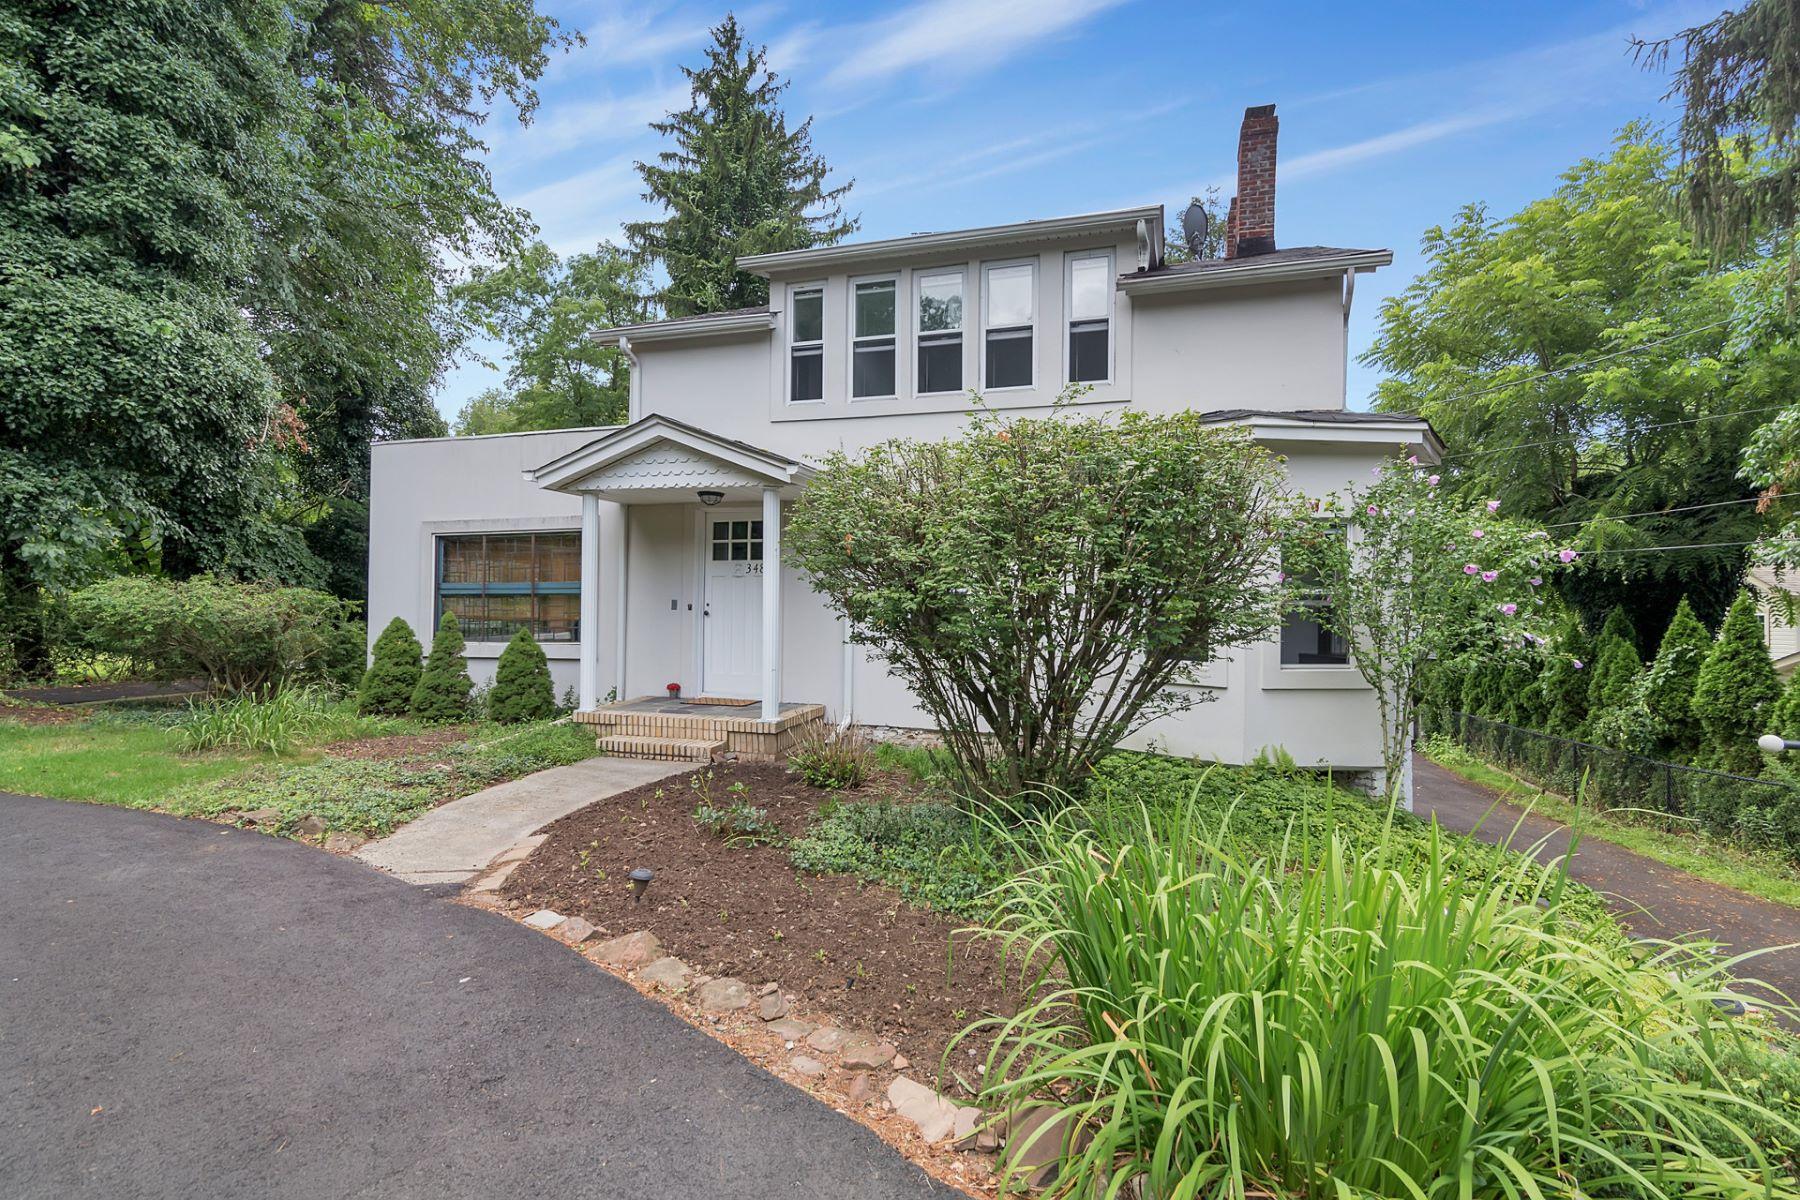 Casa Multifamiliar por un Venta en Two Family 348 Schraalenburgh Rd Closter, Nueva Jersey, 07624 Estados Unidos